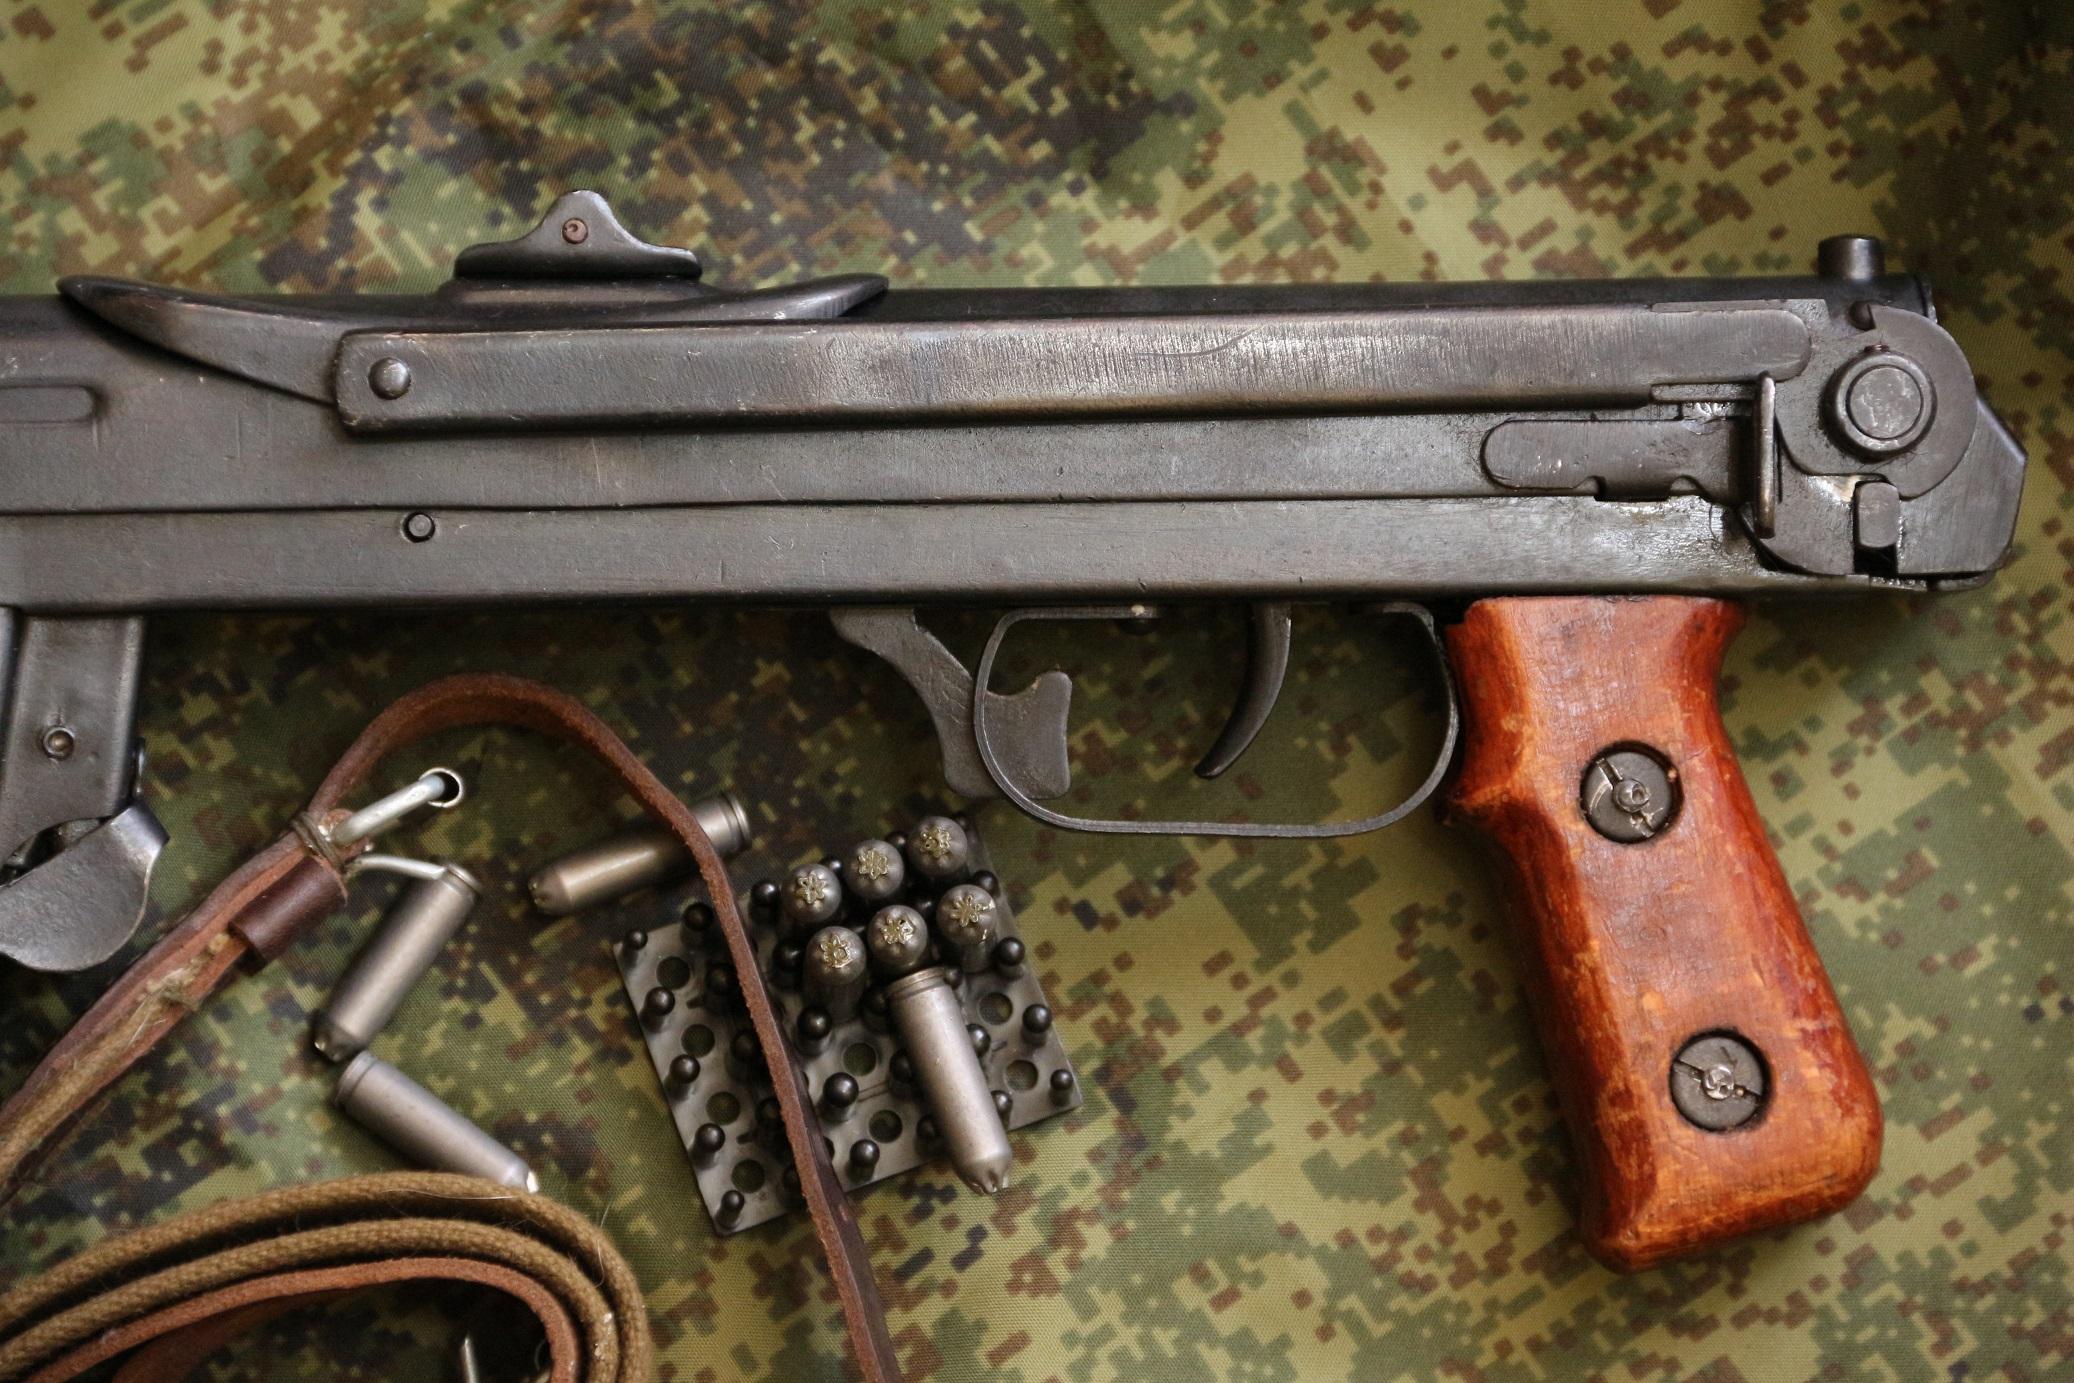 Охолощенный ППС-ОХ 1943 года №951, блокадный завод им. Кулакова, Ленинград